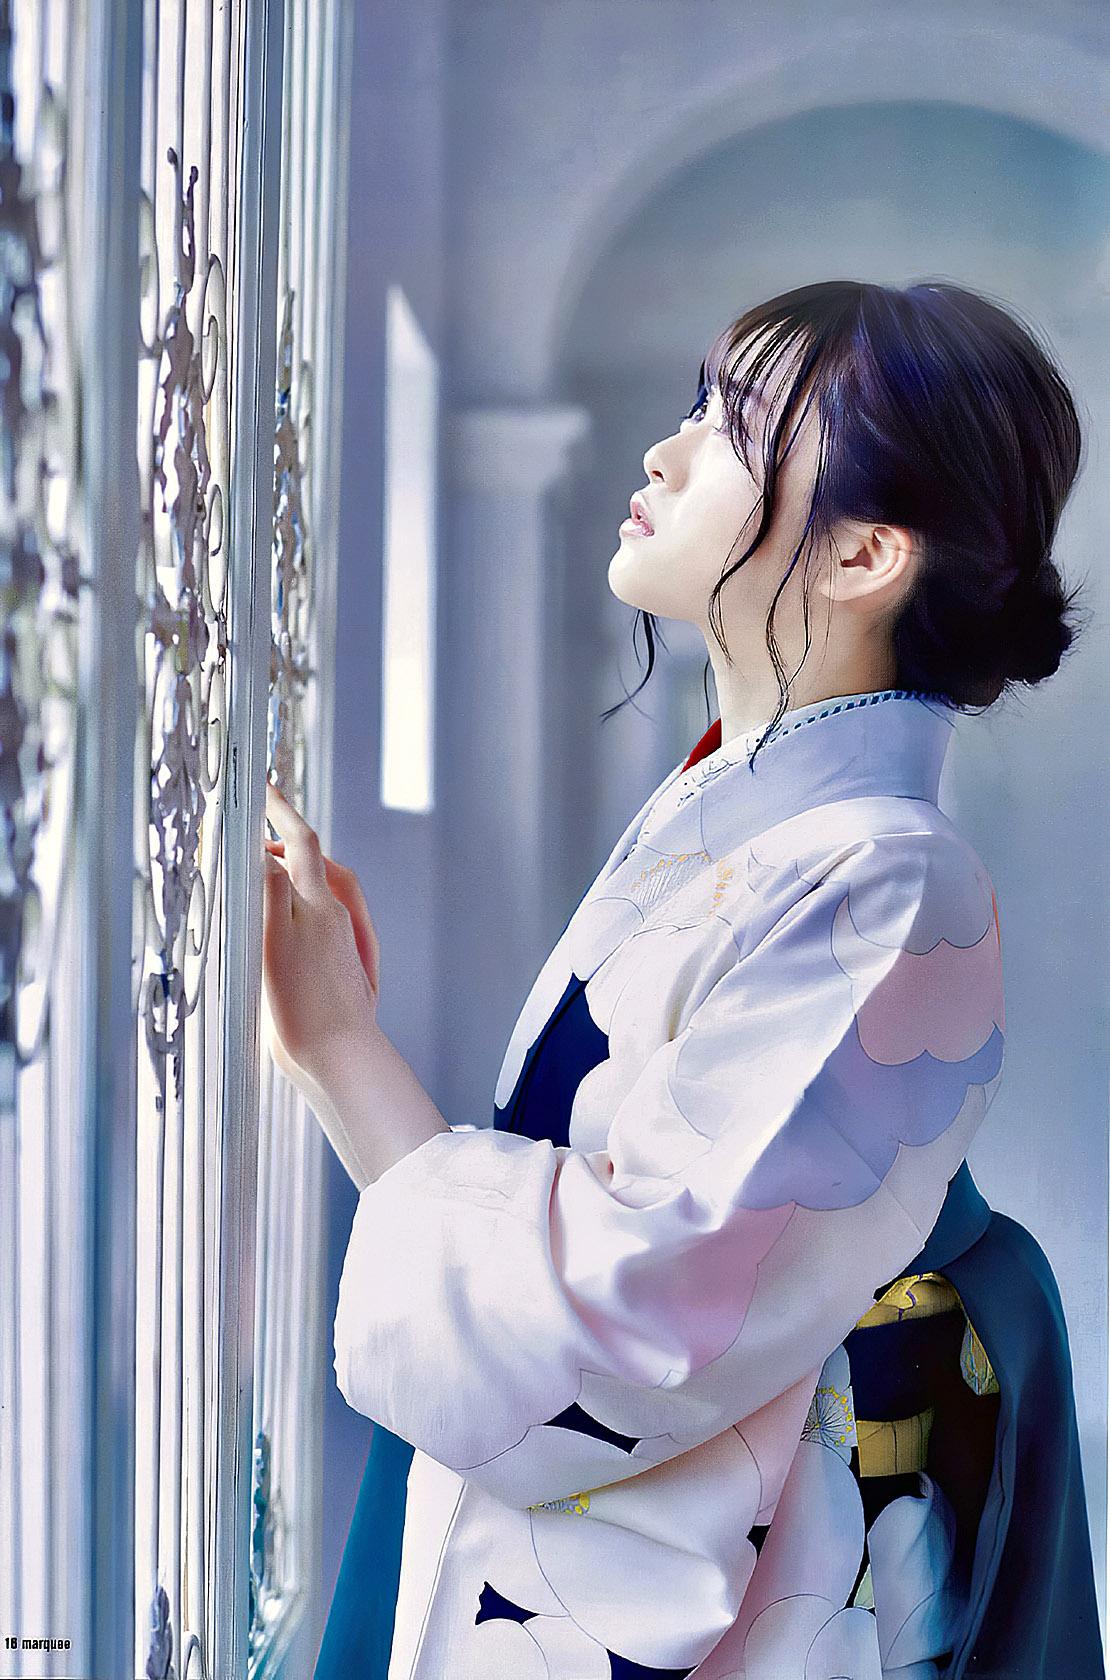 Rena Yamazaki N46 Marquee 138 2020 09.jpg